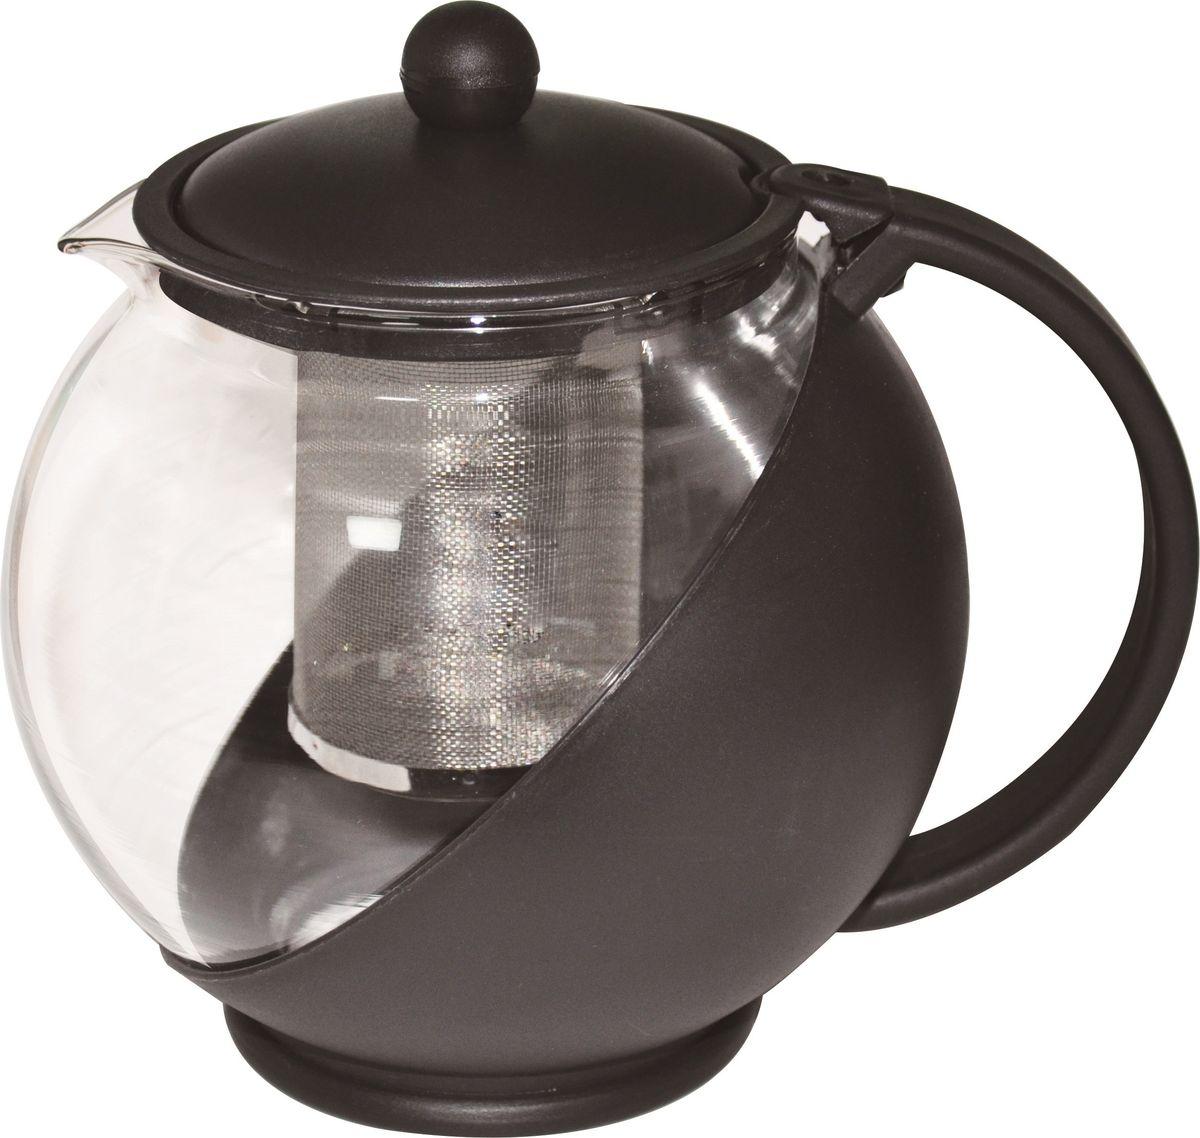 Чайник заварочный Irit, цвет: черный, 1,25 лKTZ-125-004Чайник заварочный 1,25л, термостойкий не нагревающийся пластик, ударостойкое жаропрочное стекло, фильтр из высококачественной хромо-никелевой нержавеющей стали. Черный.